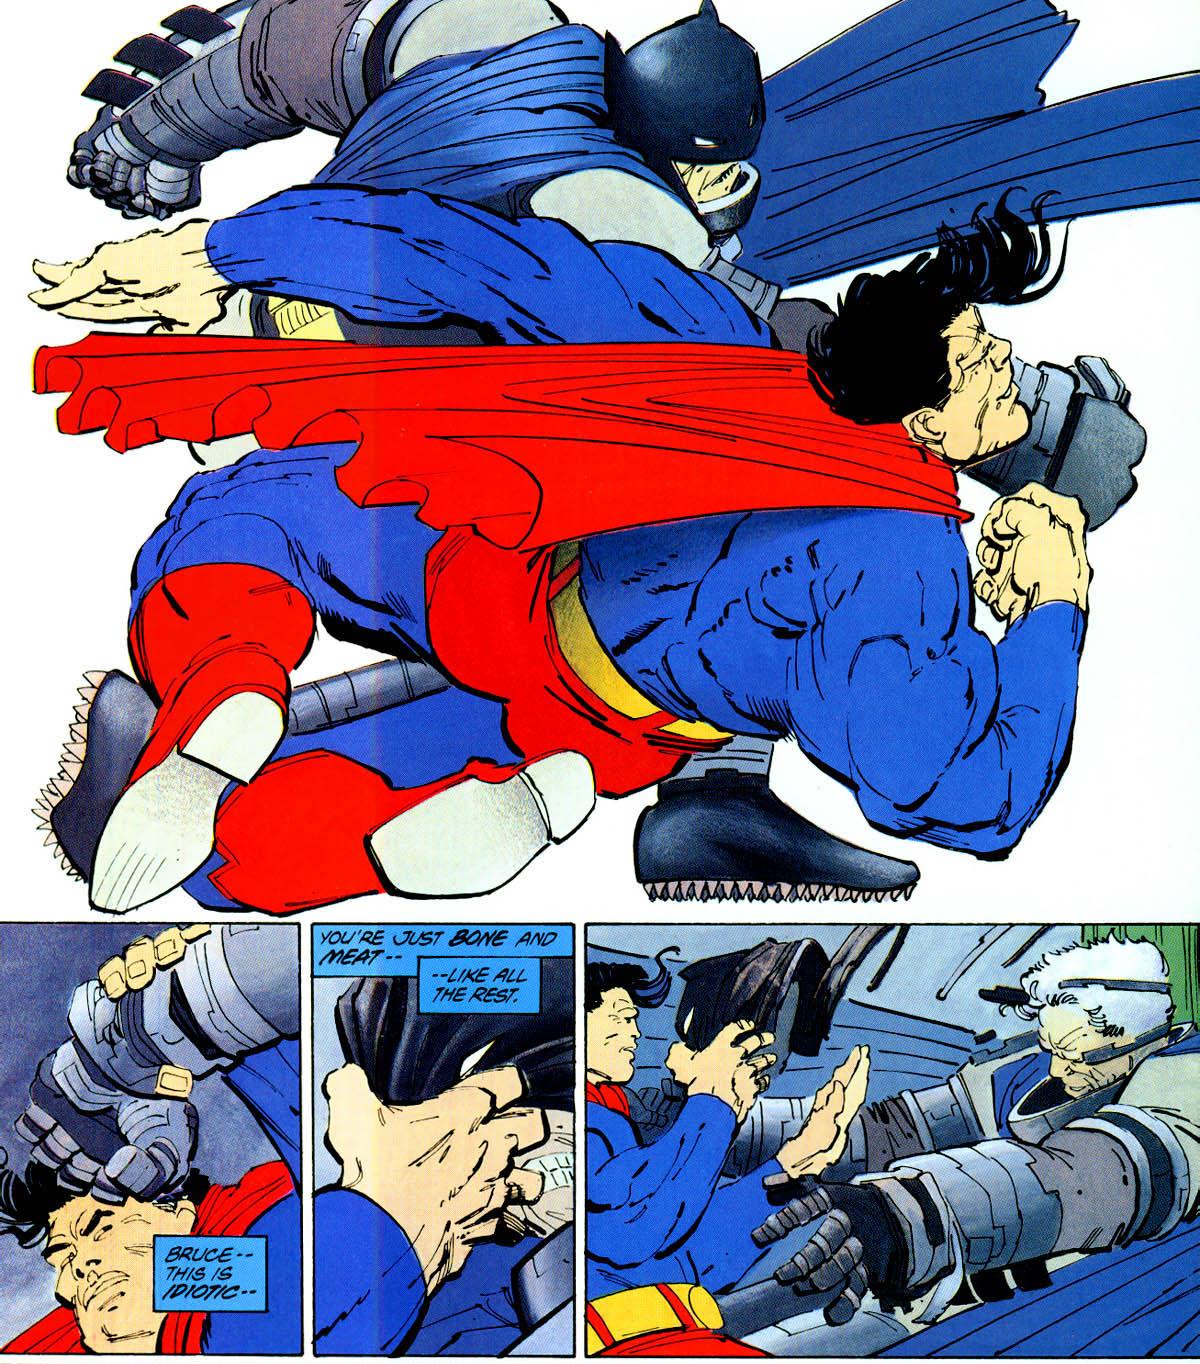 Dark Knight cover